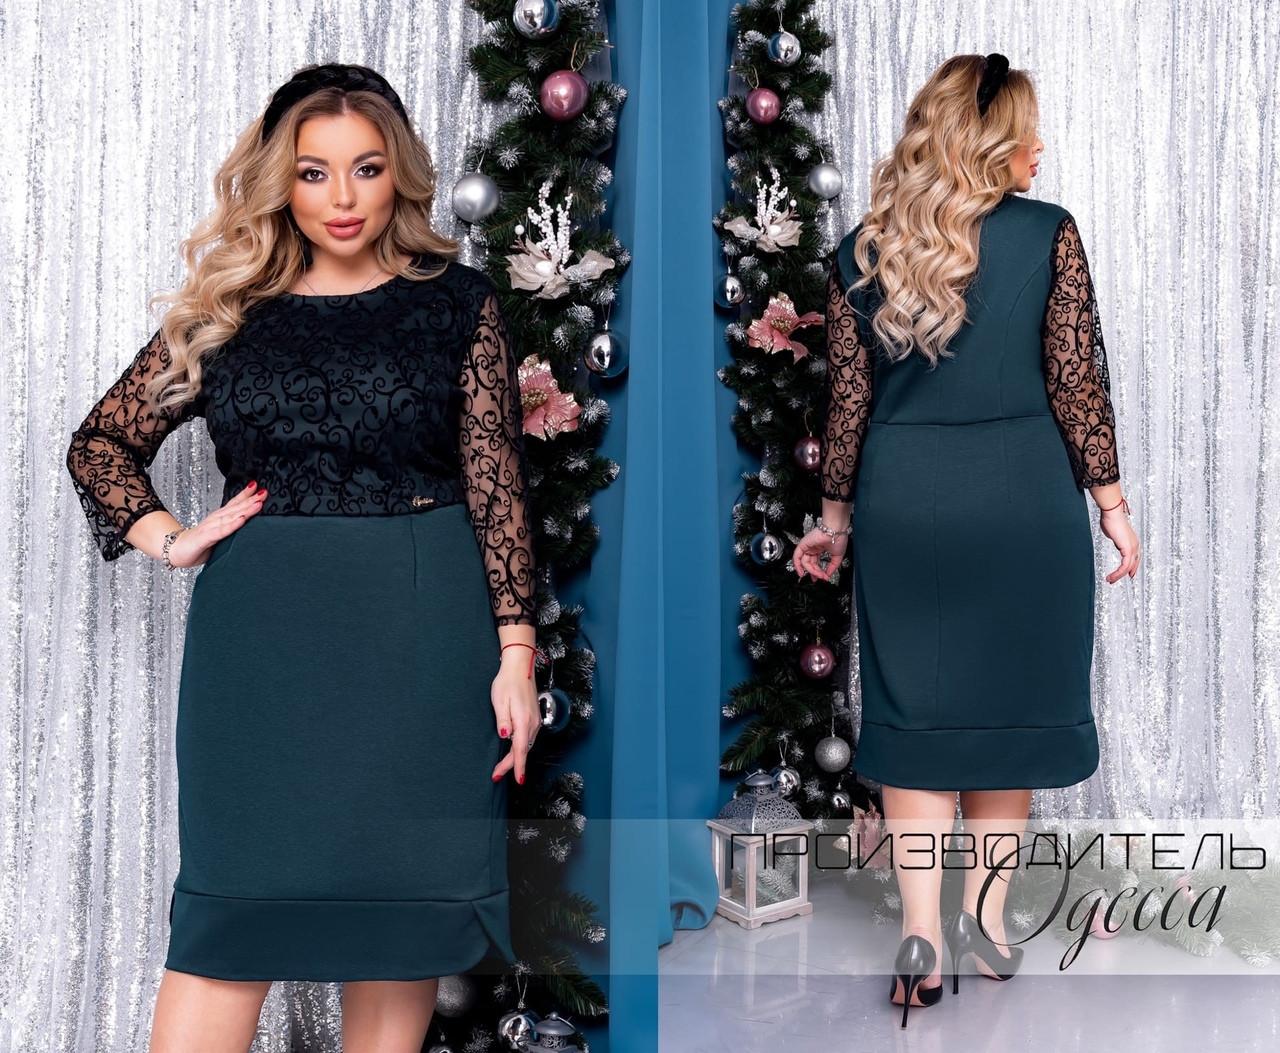 Платье нарядное с гипюром, строгое и нарядное одновременно р.48-50,52-54,код 4016Ж